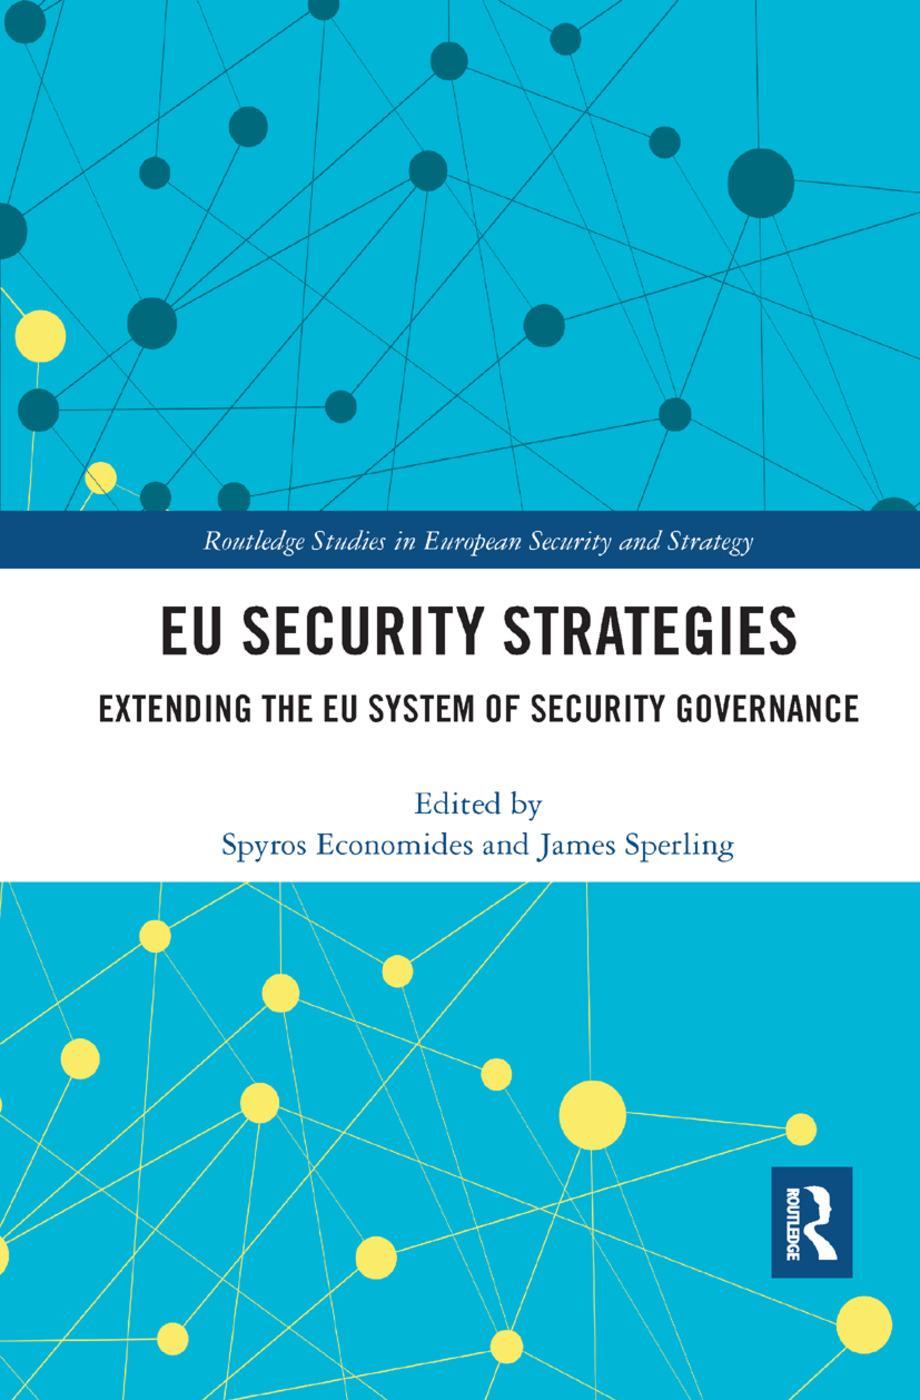 EU Security Strategies: Extending the EU System of Security Governance book cover